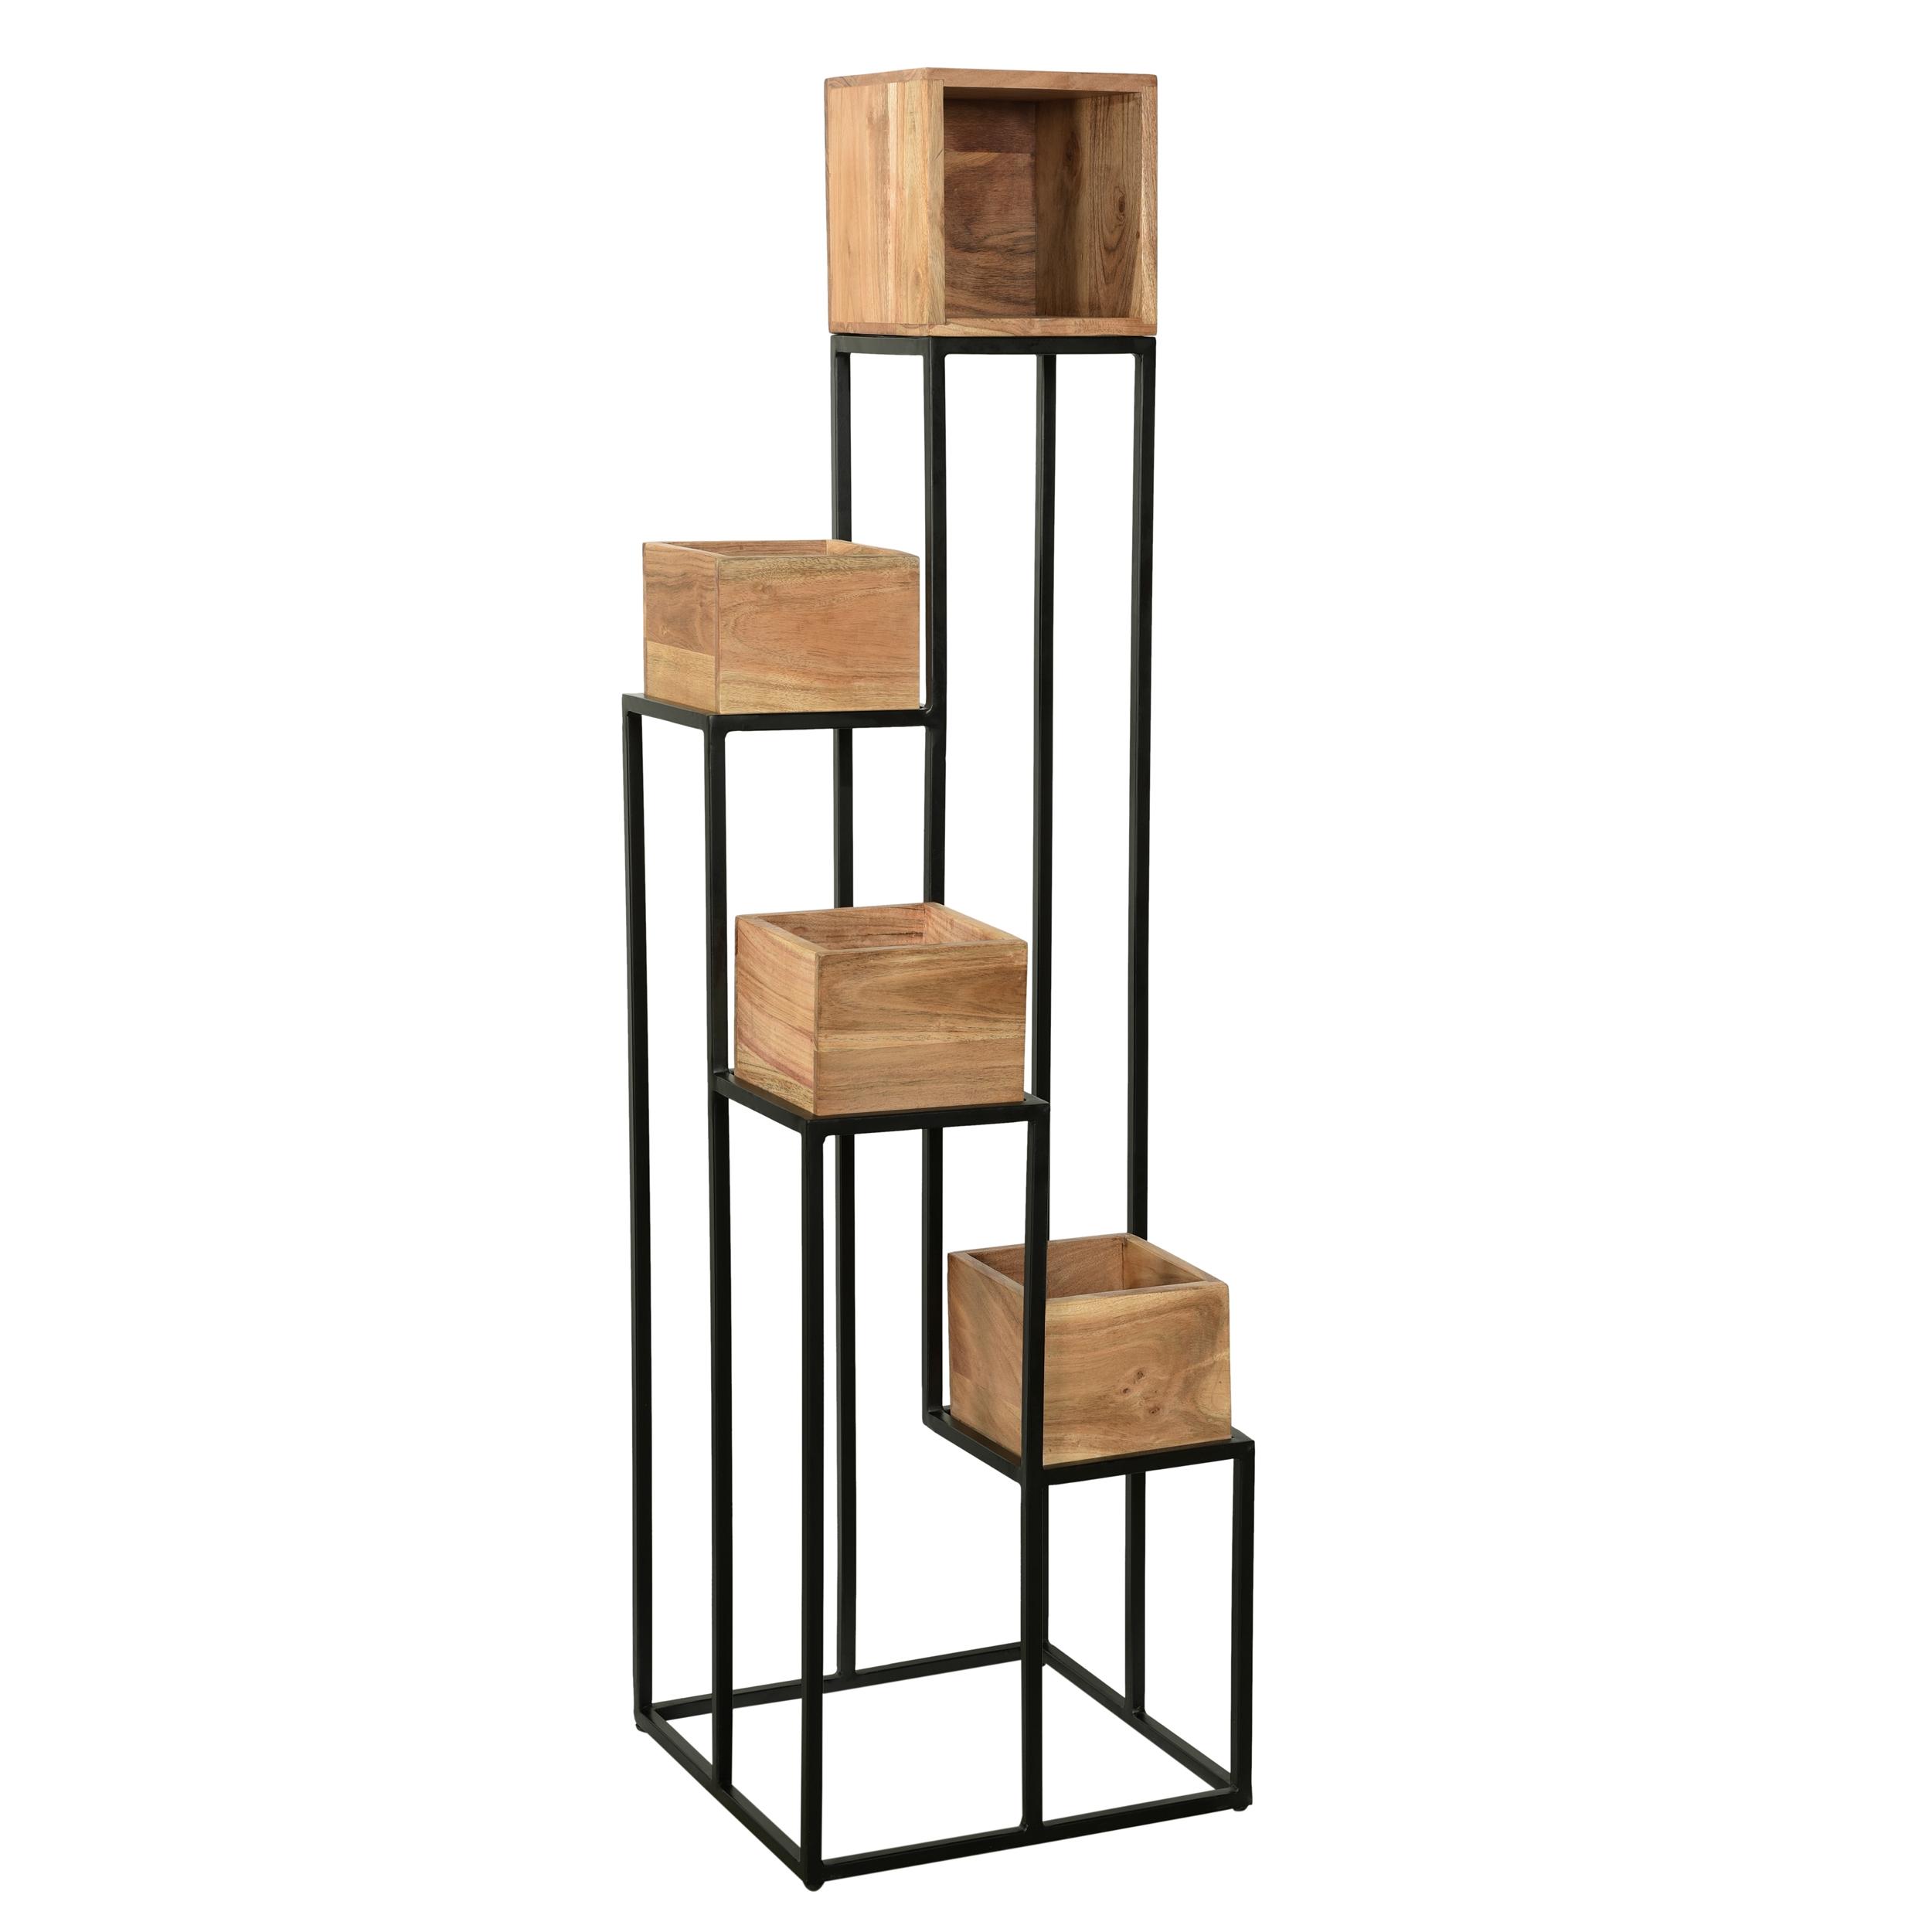 Cache pot en bois d'acacia et métal